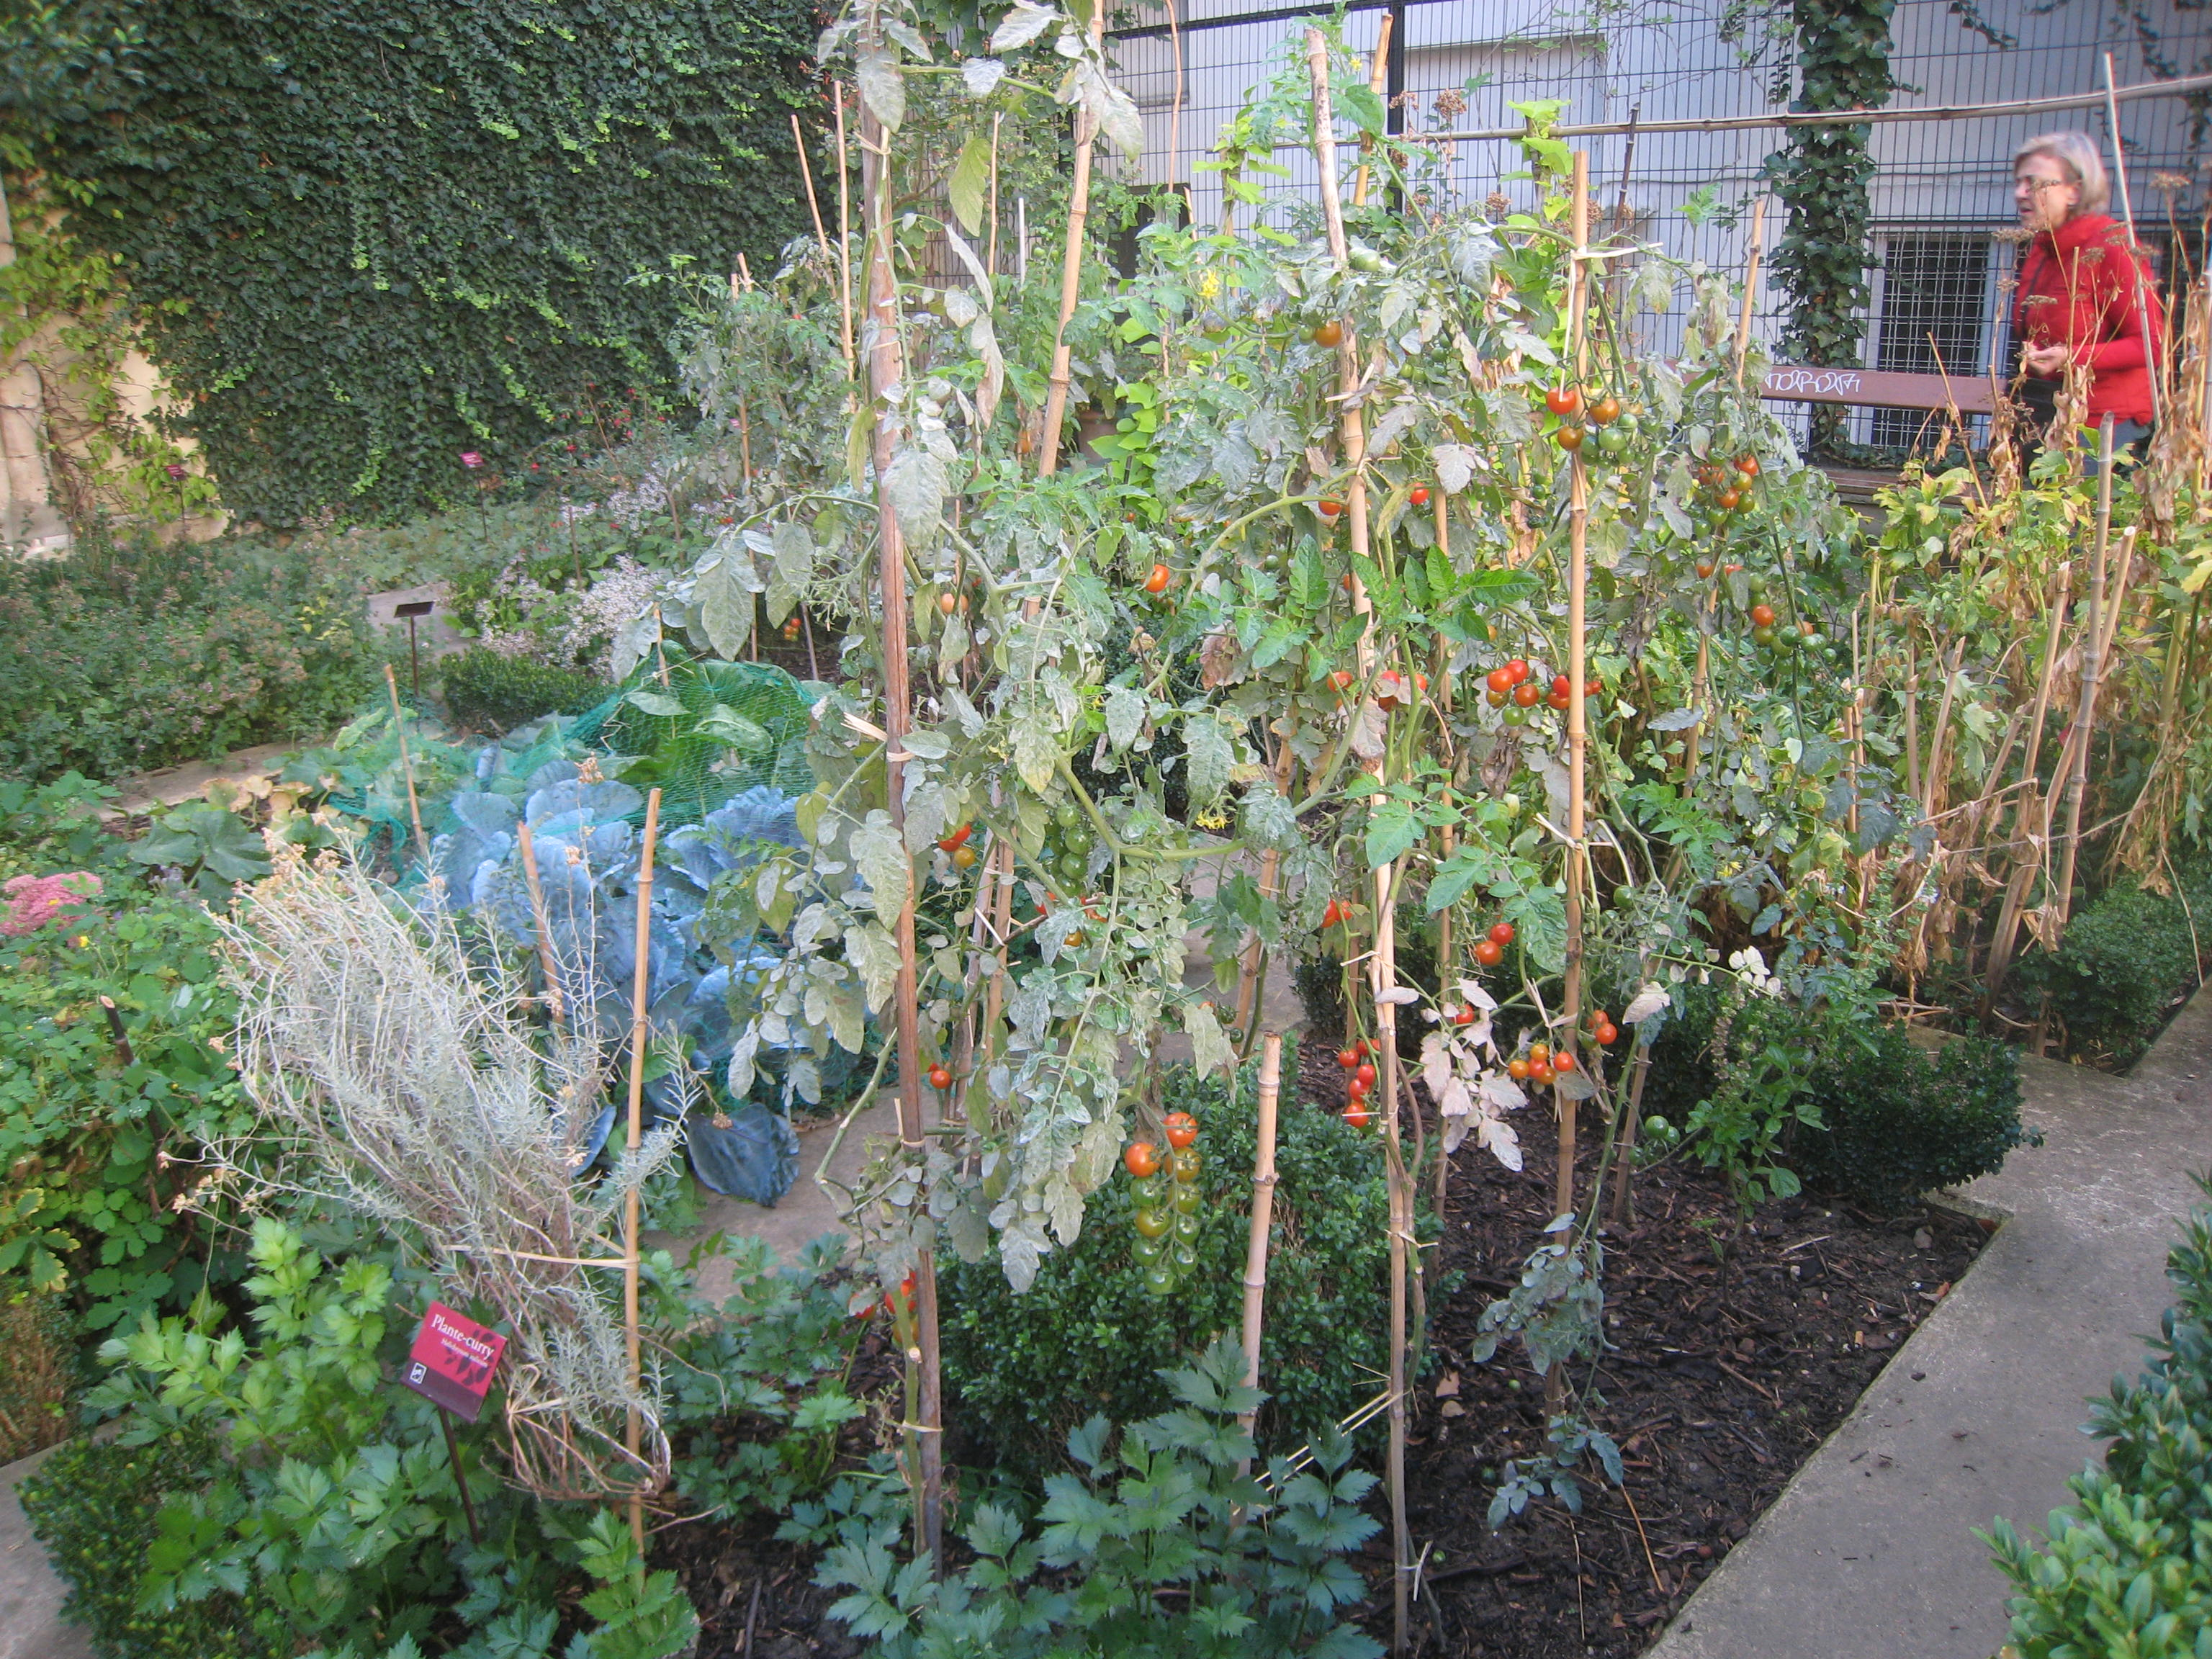 Les jardins en f te ballade dans paris le bonheur est dans le jardin - Jardin du clos des blancs manteaux ...